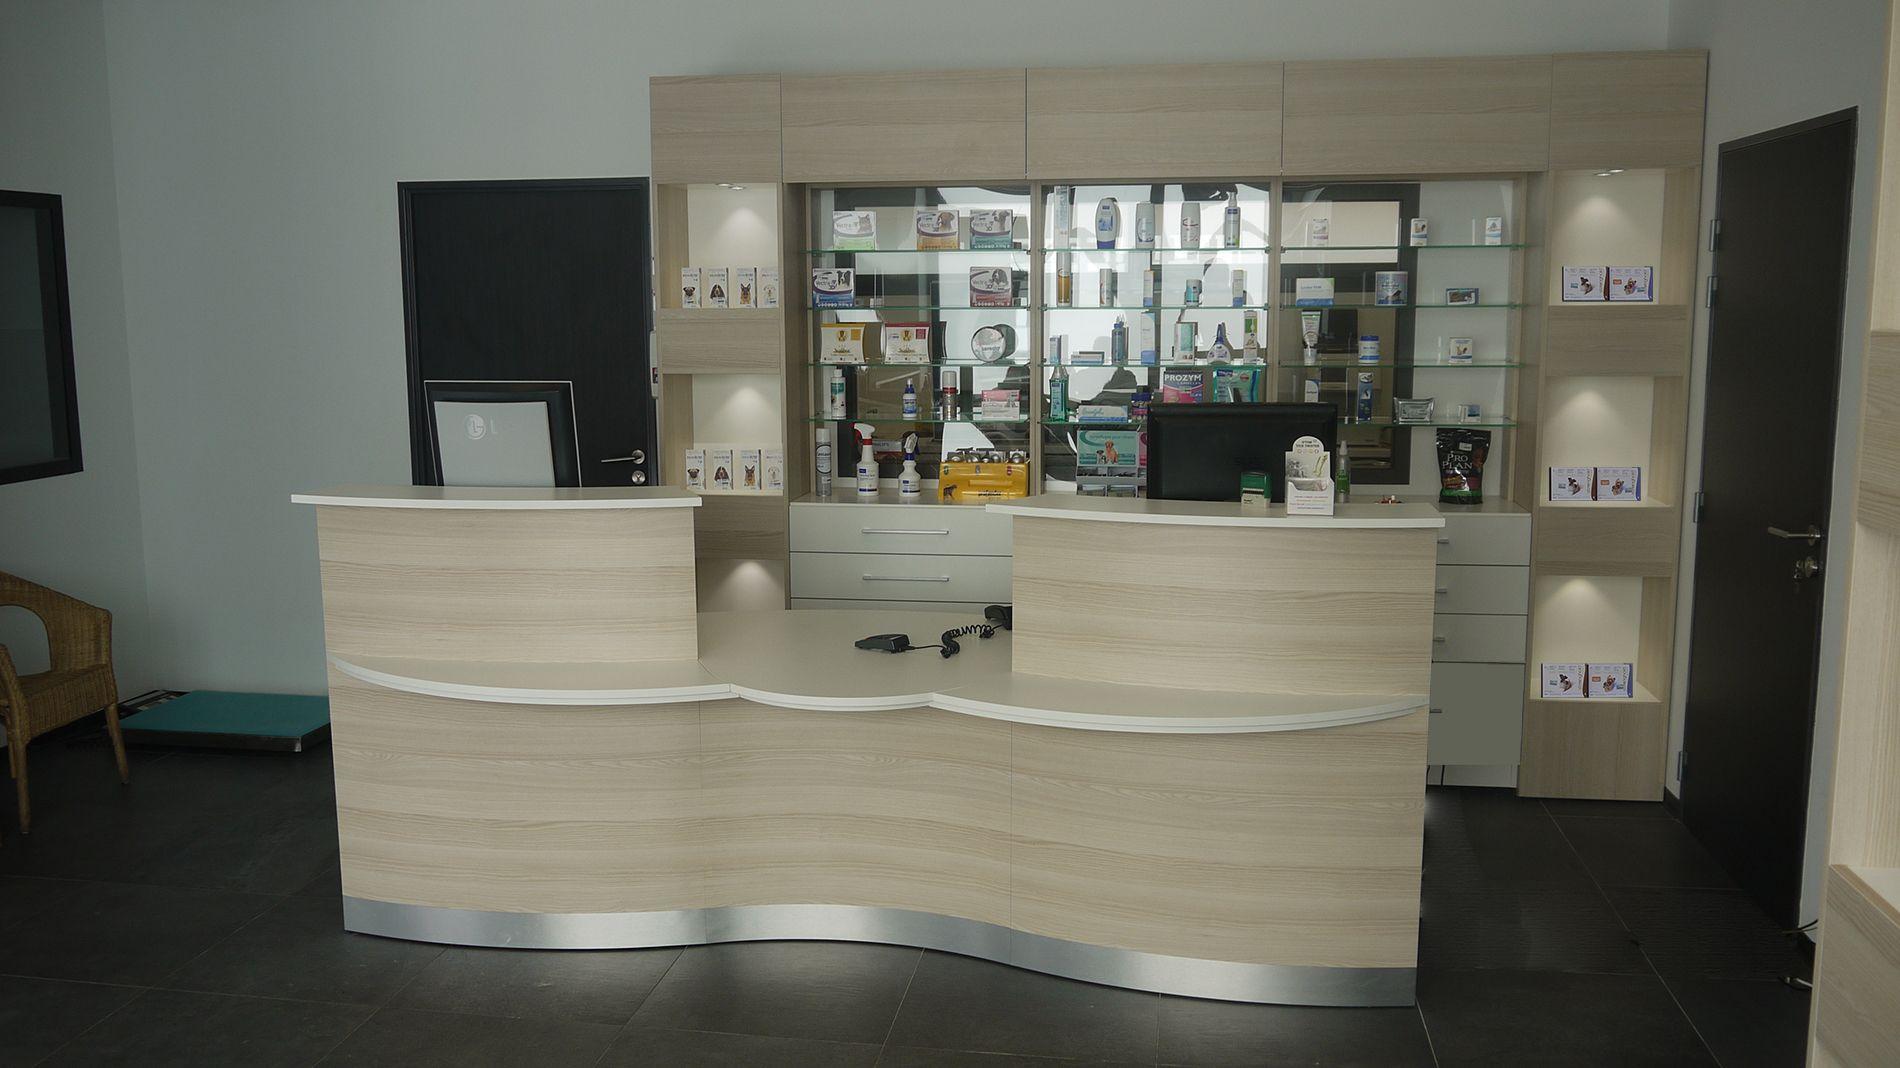 Showroom Jcda Veterinaire Banque D Accueil Double Avec Acces Pmr Central Amenagement Petit Appartement Clinique Veterinaire Veterinaire